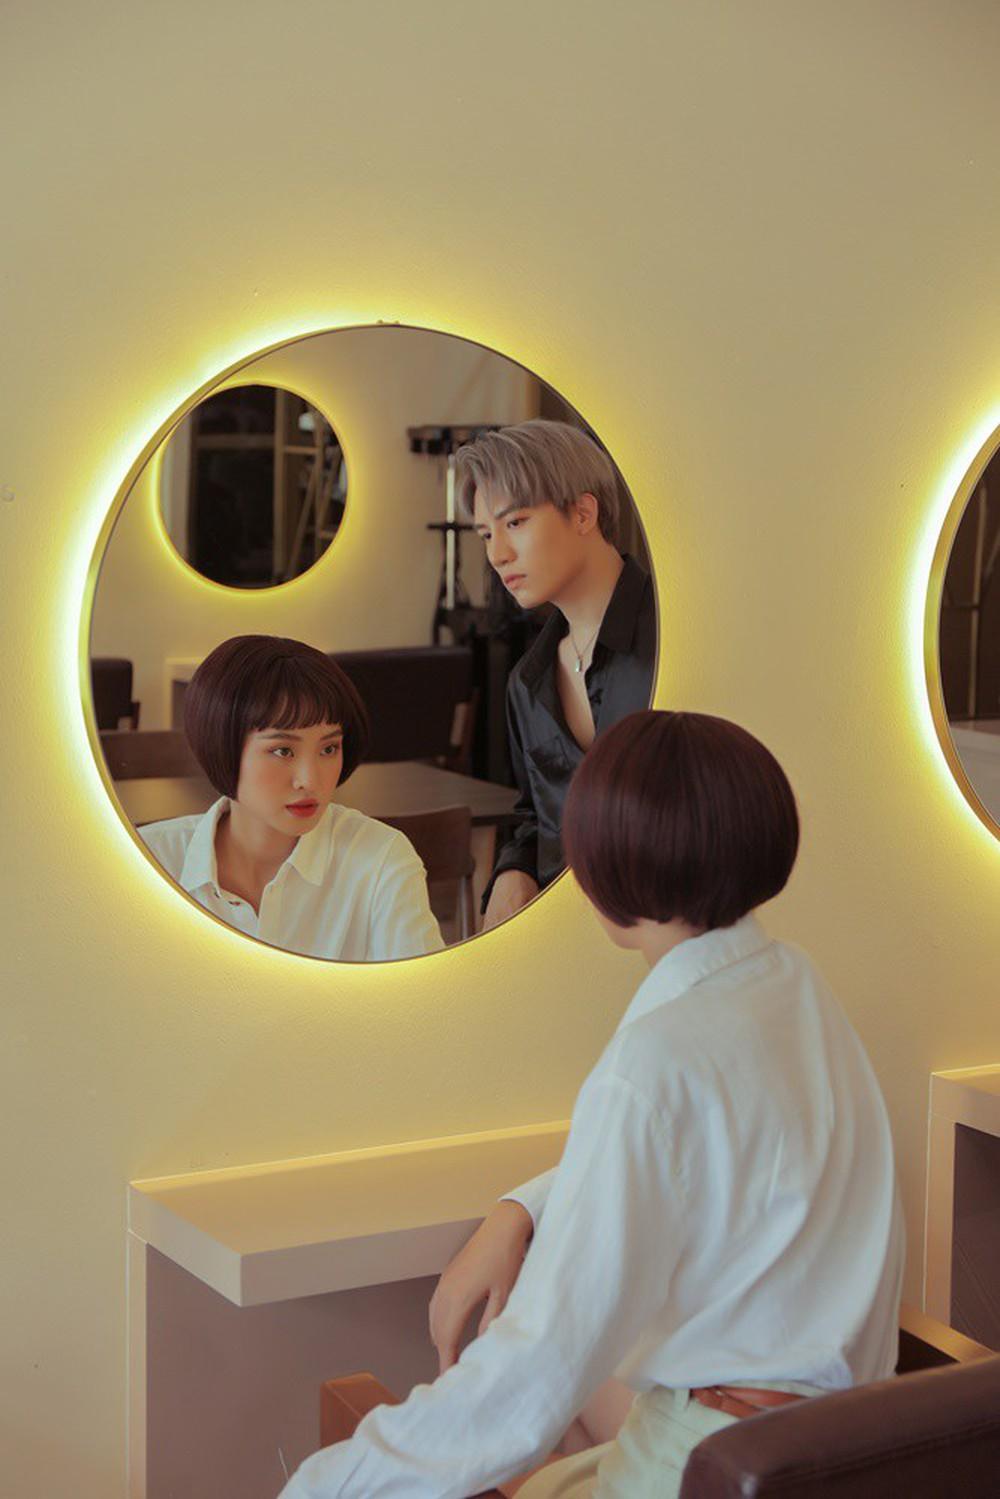 Anh Tú mời 3 hot girl xinh đẹp đóng vai thất tình trong sản phẩm mới - Ảnh 7.